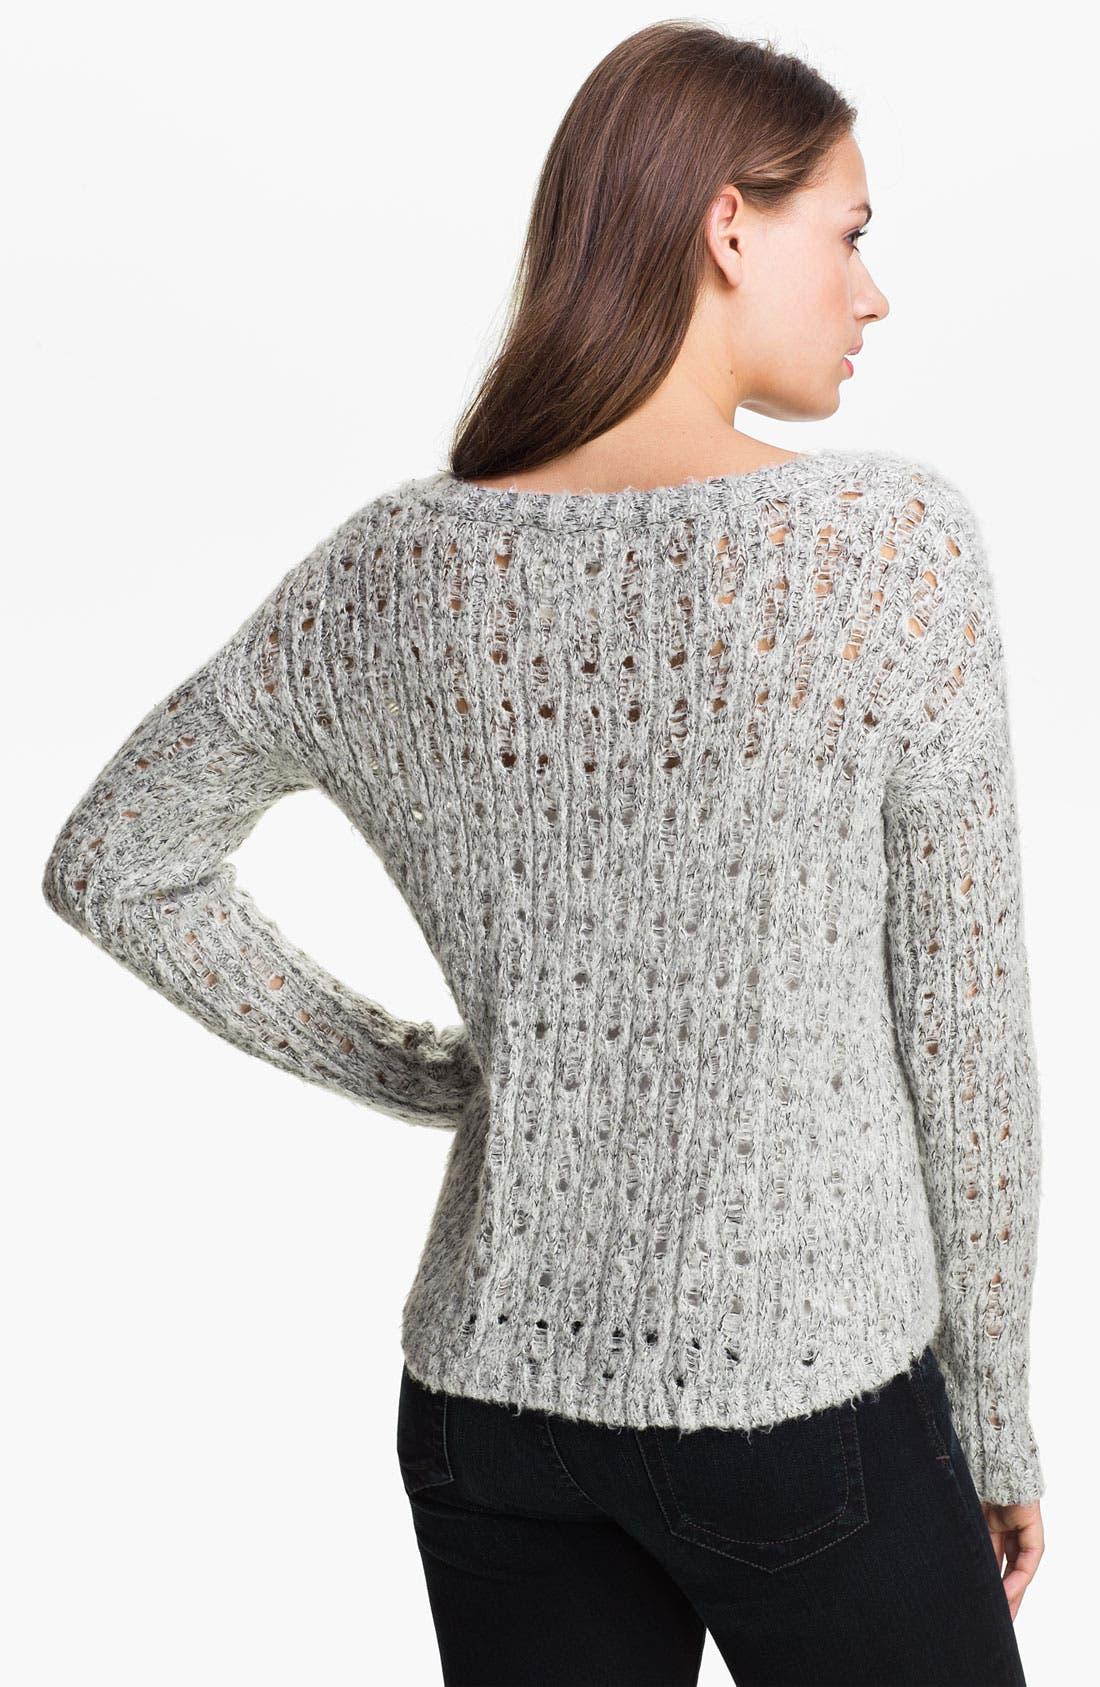 Alternate Image 2  - Kensie Open Stitch Sweater (Online Exclusive)